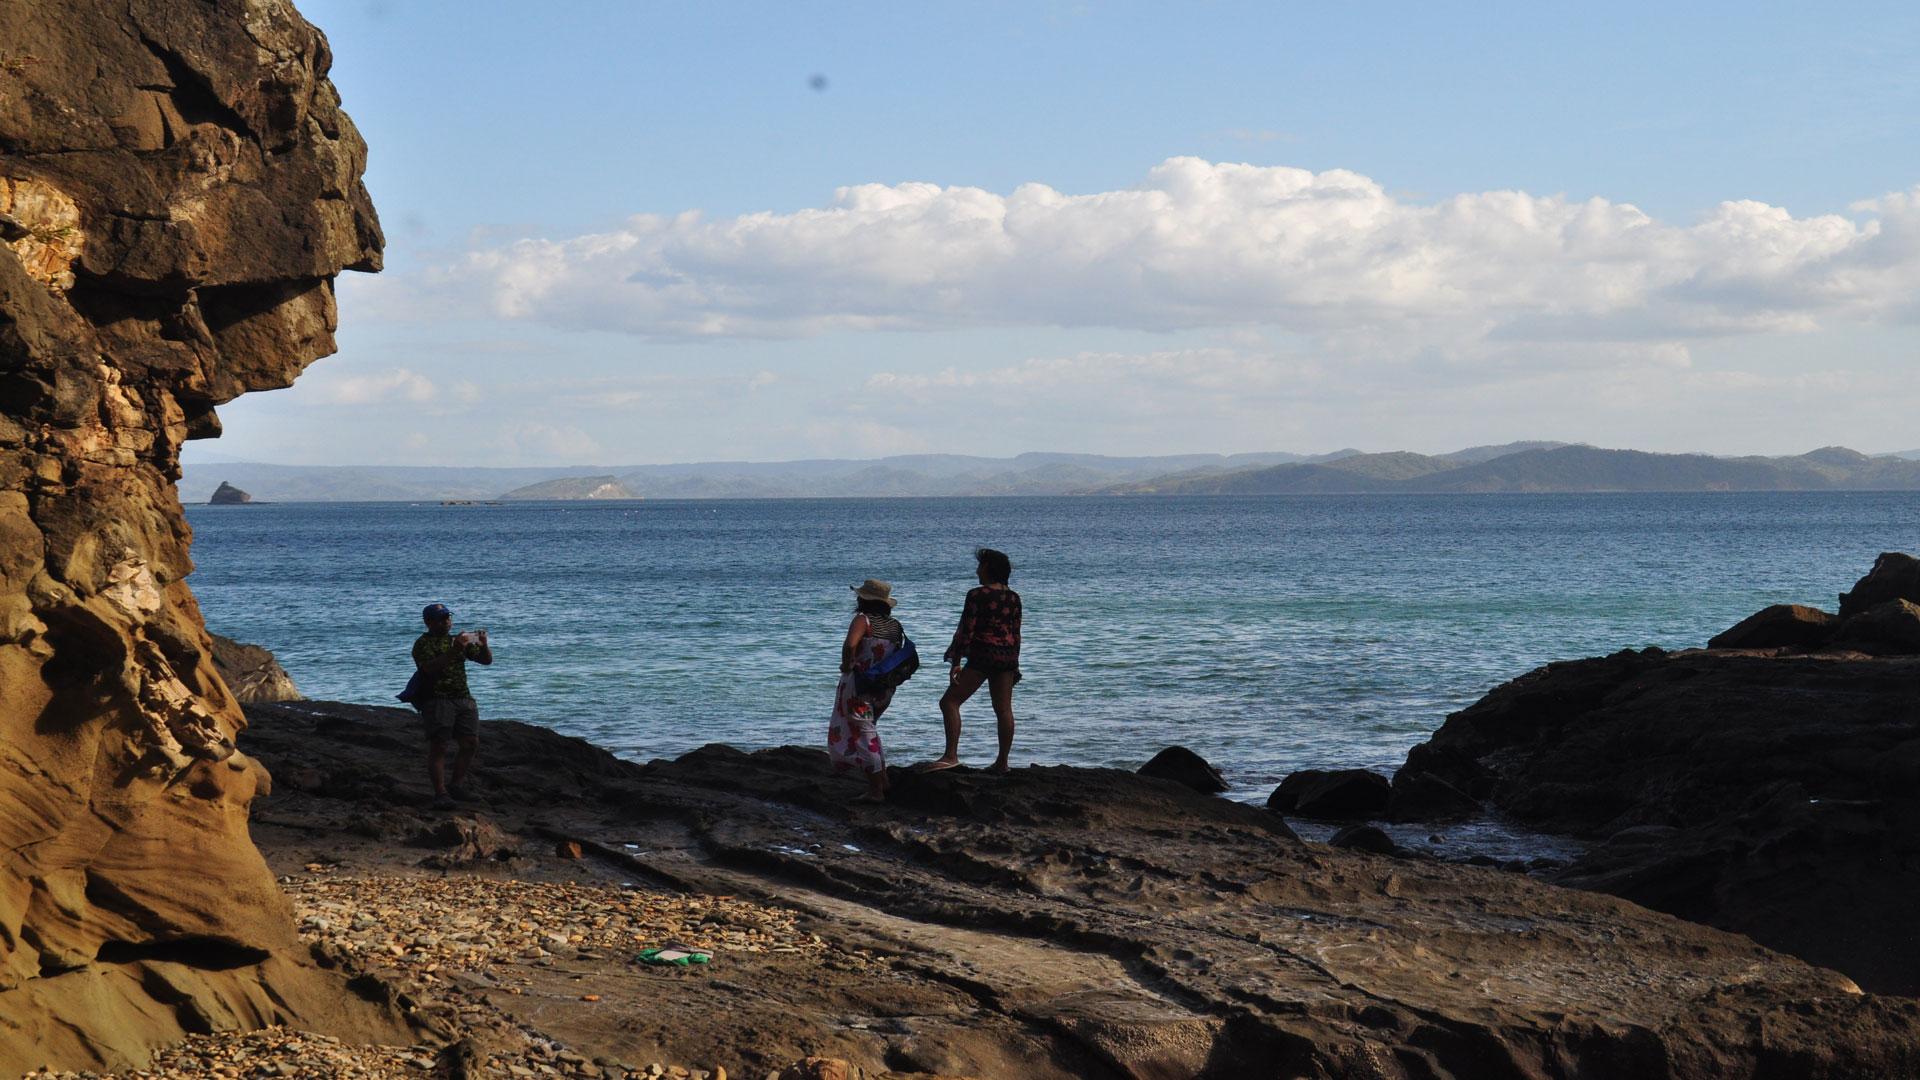 Los turistas pueden recorrer las formaciones geológicas en un recorrido más o menos difícil.